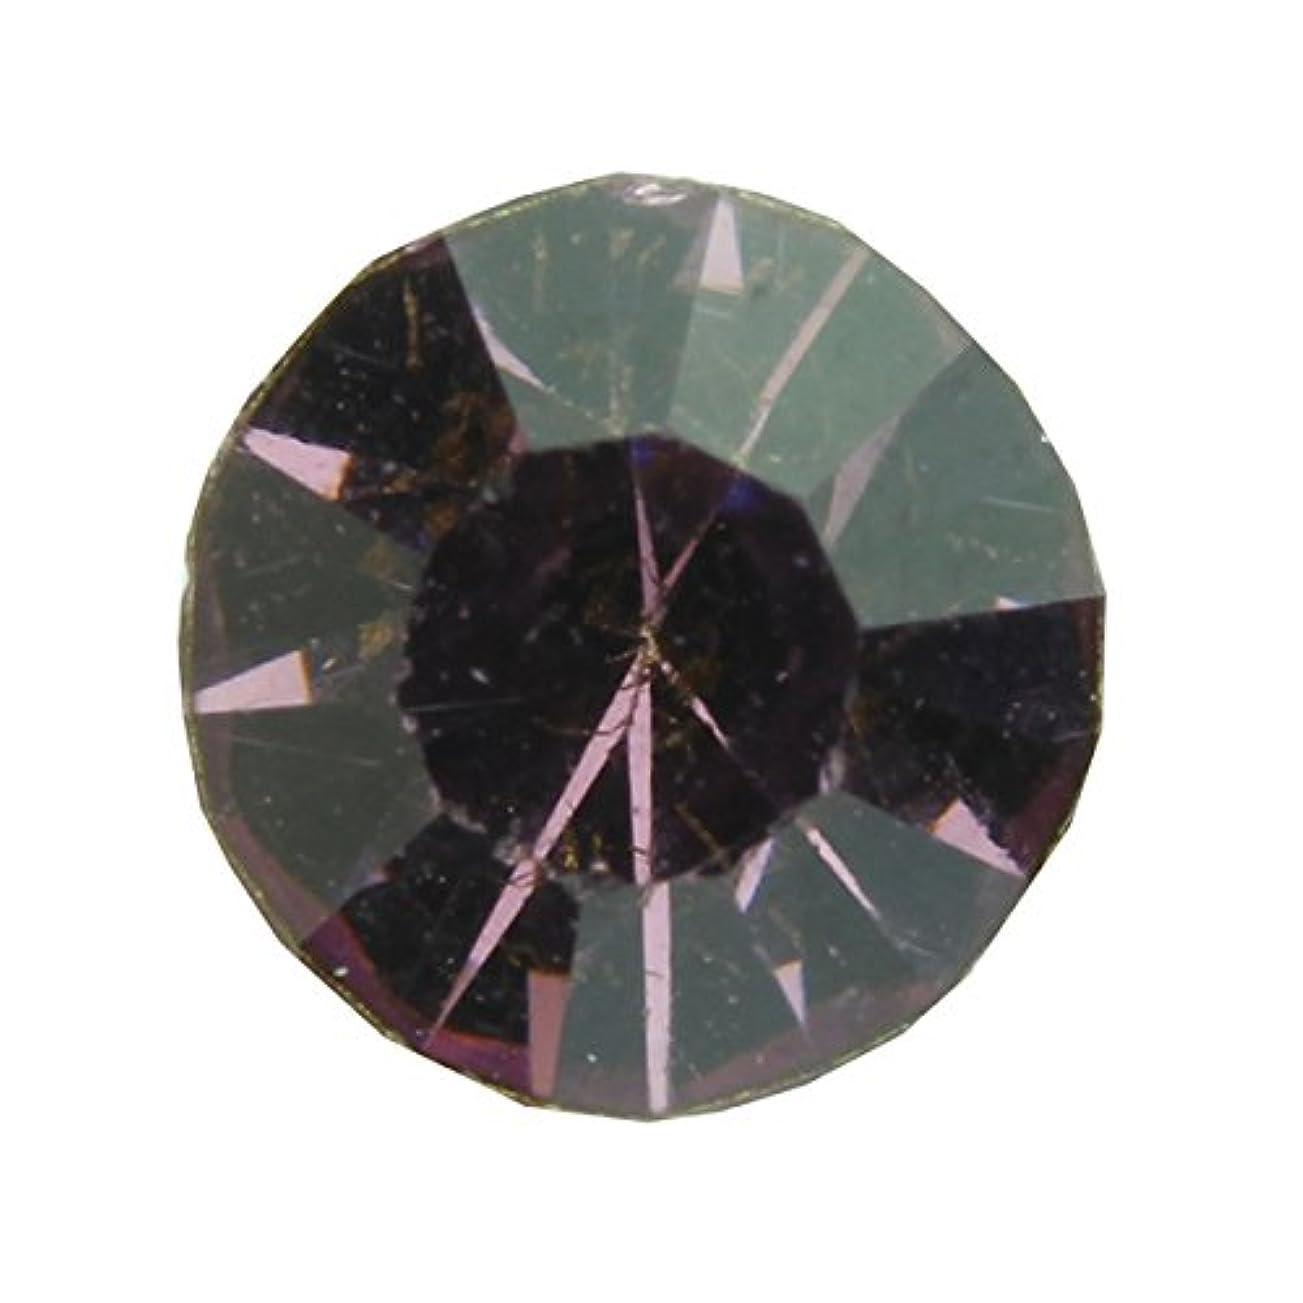 討論乱雑なコアアクリルストーンVカット ss12(約3.0mm)(30個入り) アメジスト